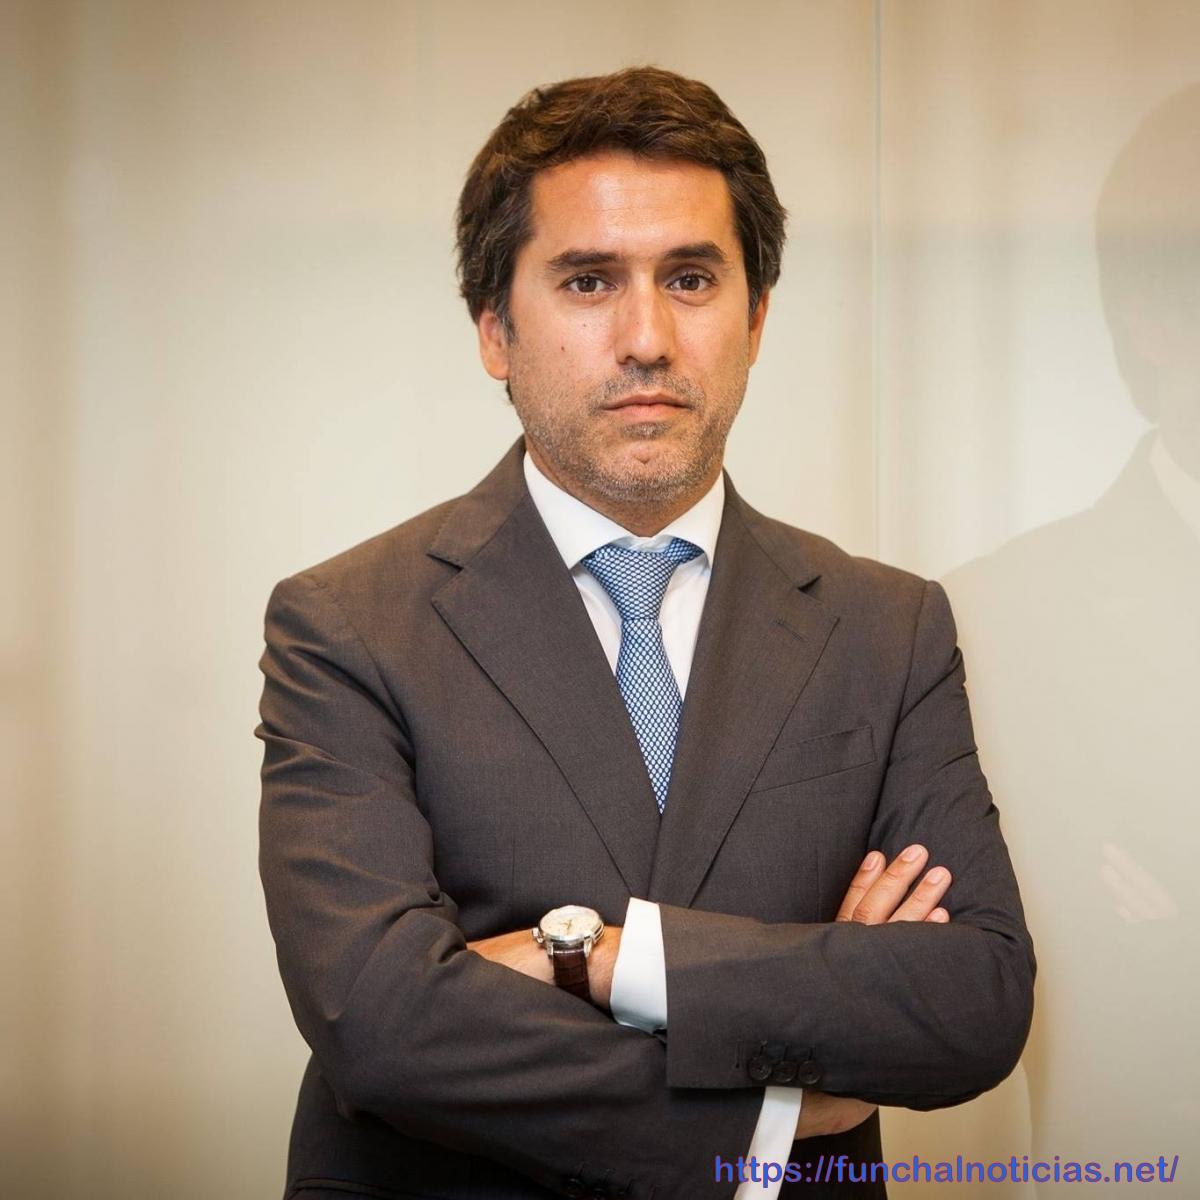 António Costa muda de chefe de gabinete